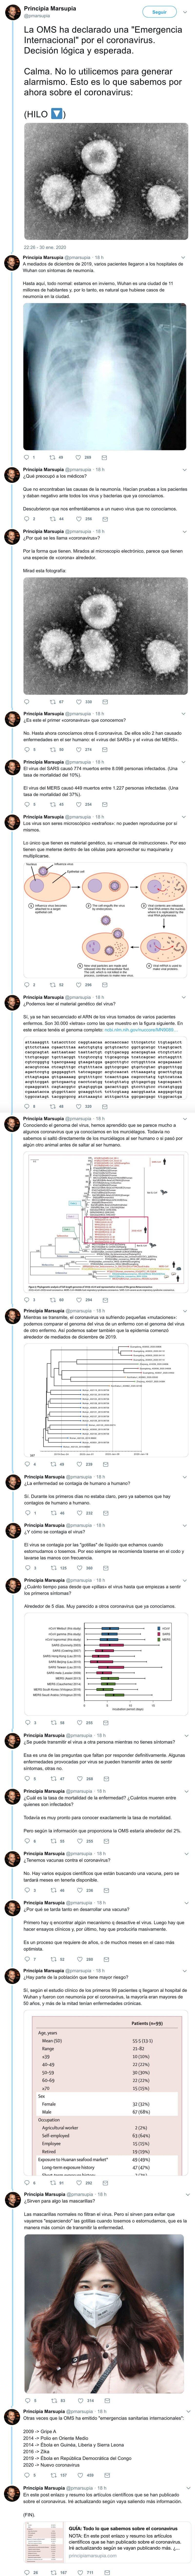 957 - Todo lo que sabemos por ahora del coronavirus, no alarmarse